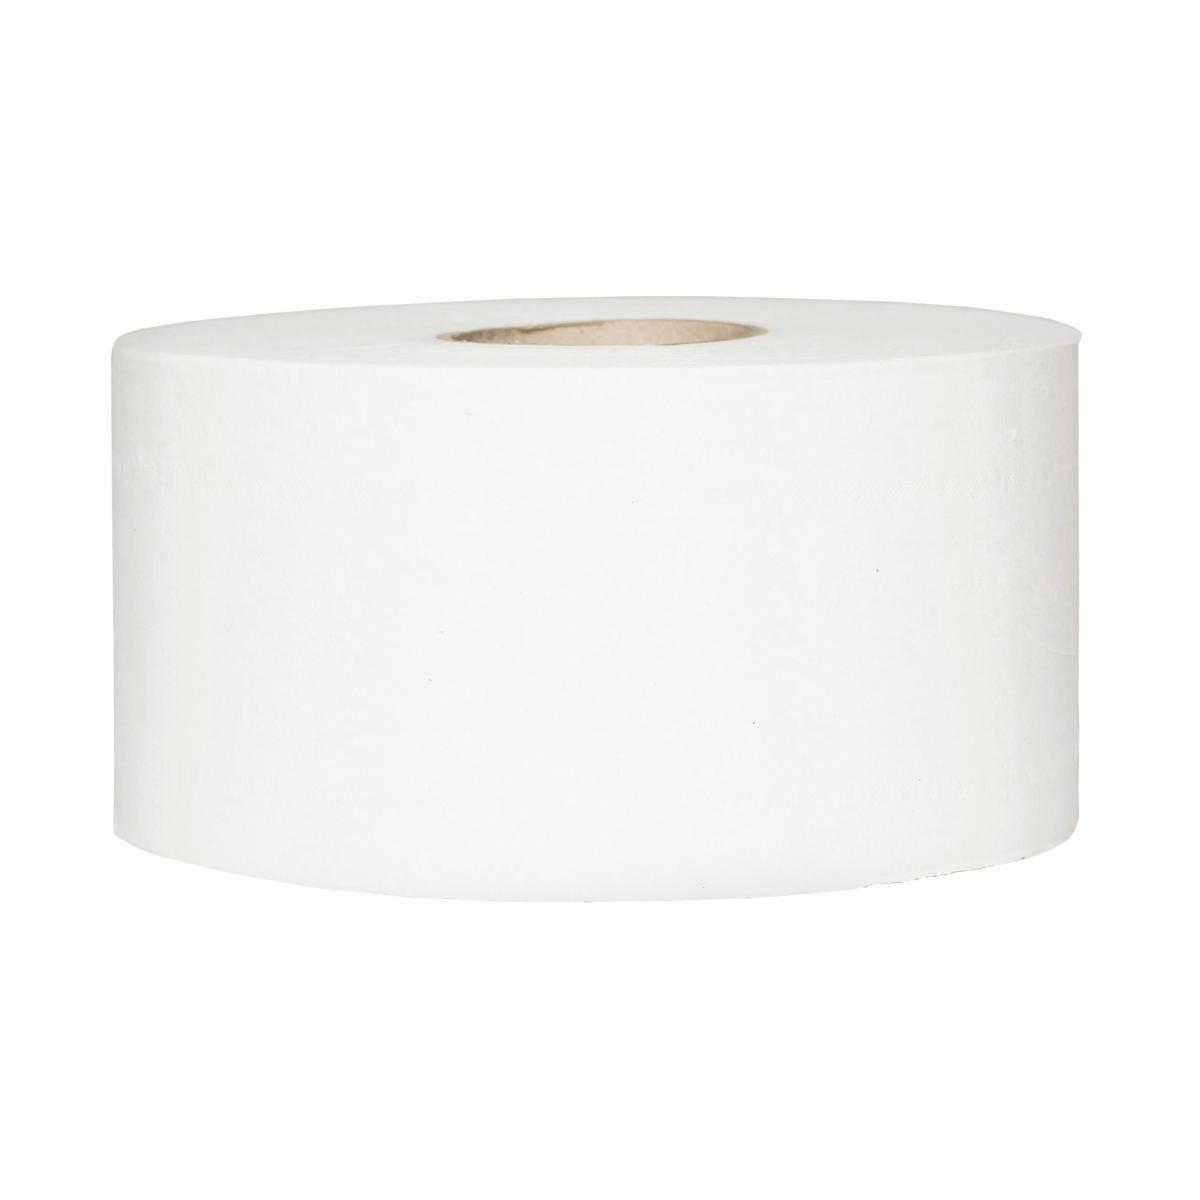 Tork Mini Jumbo Toilet Roll Dispenser White Noble